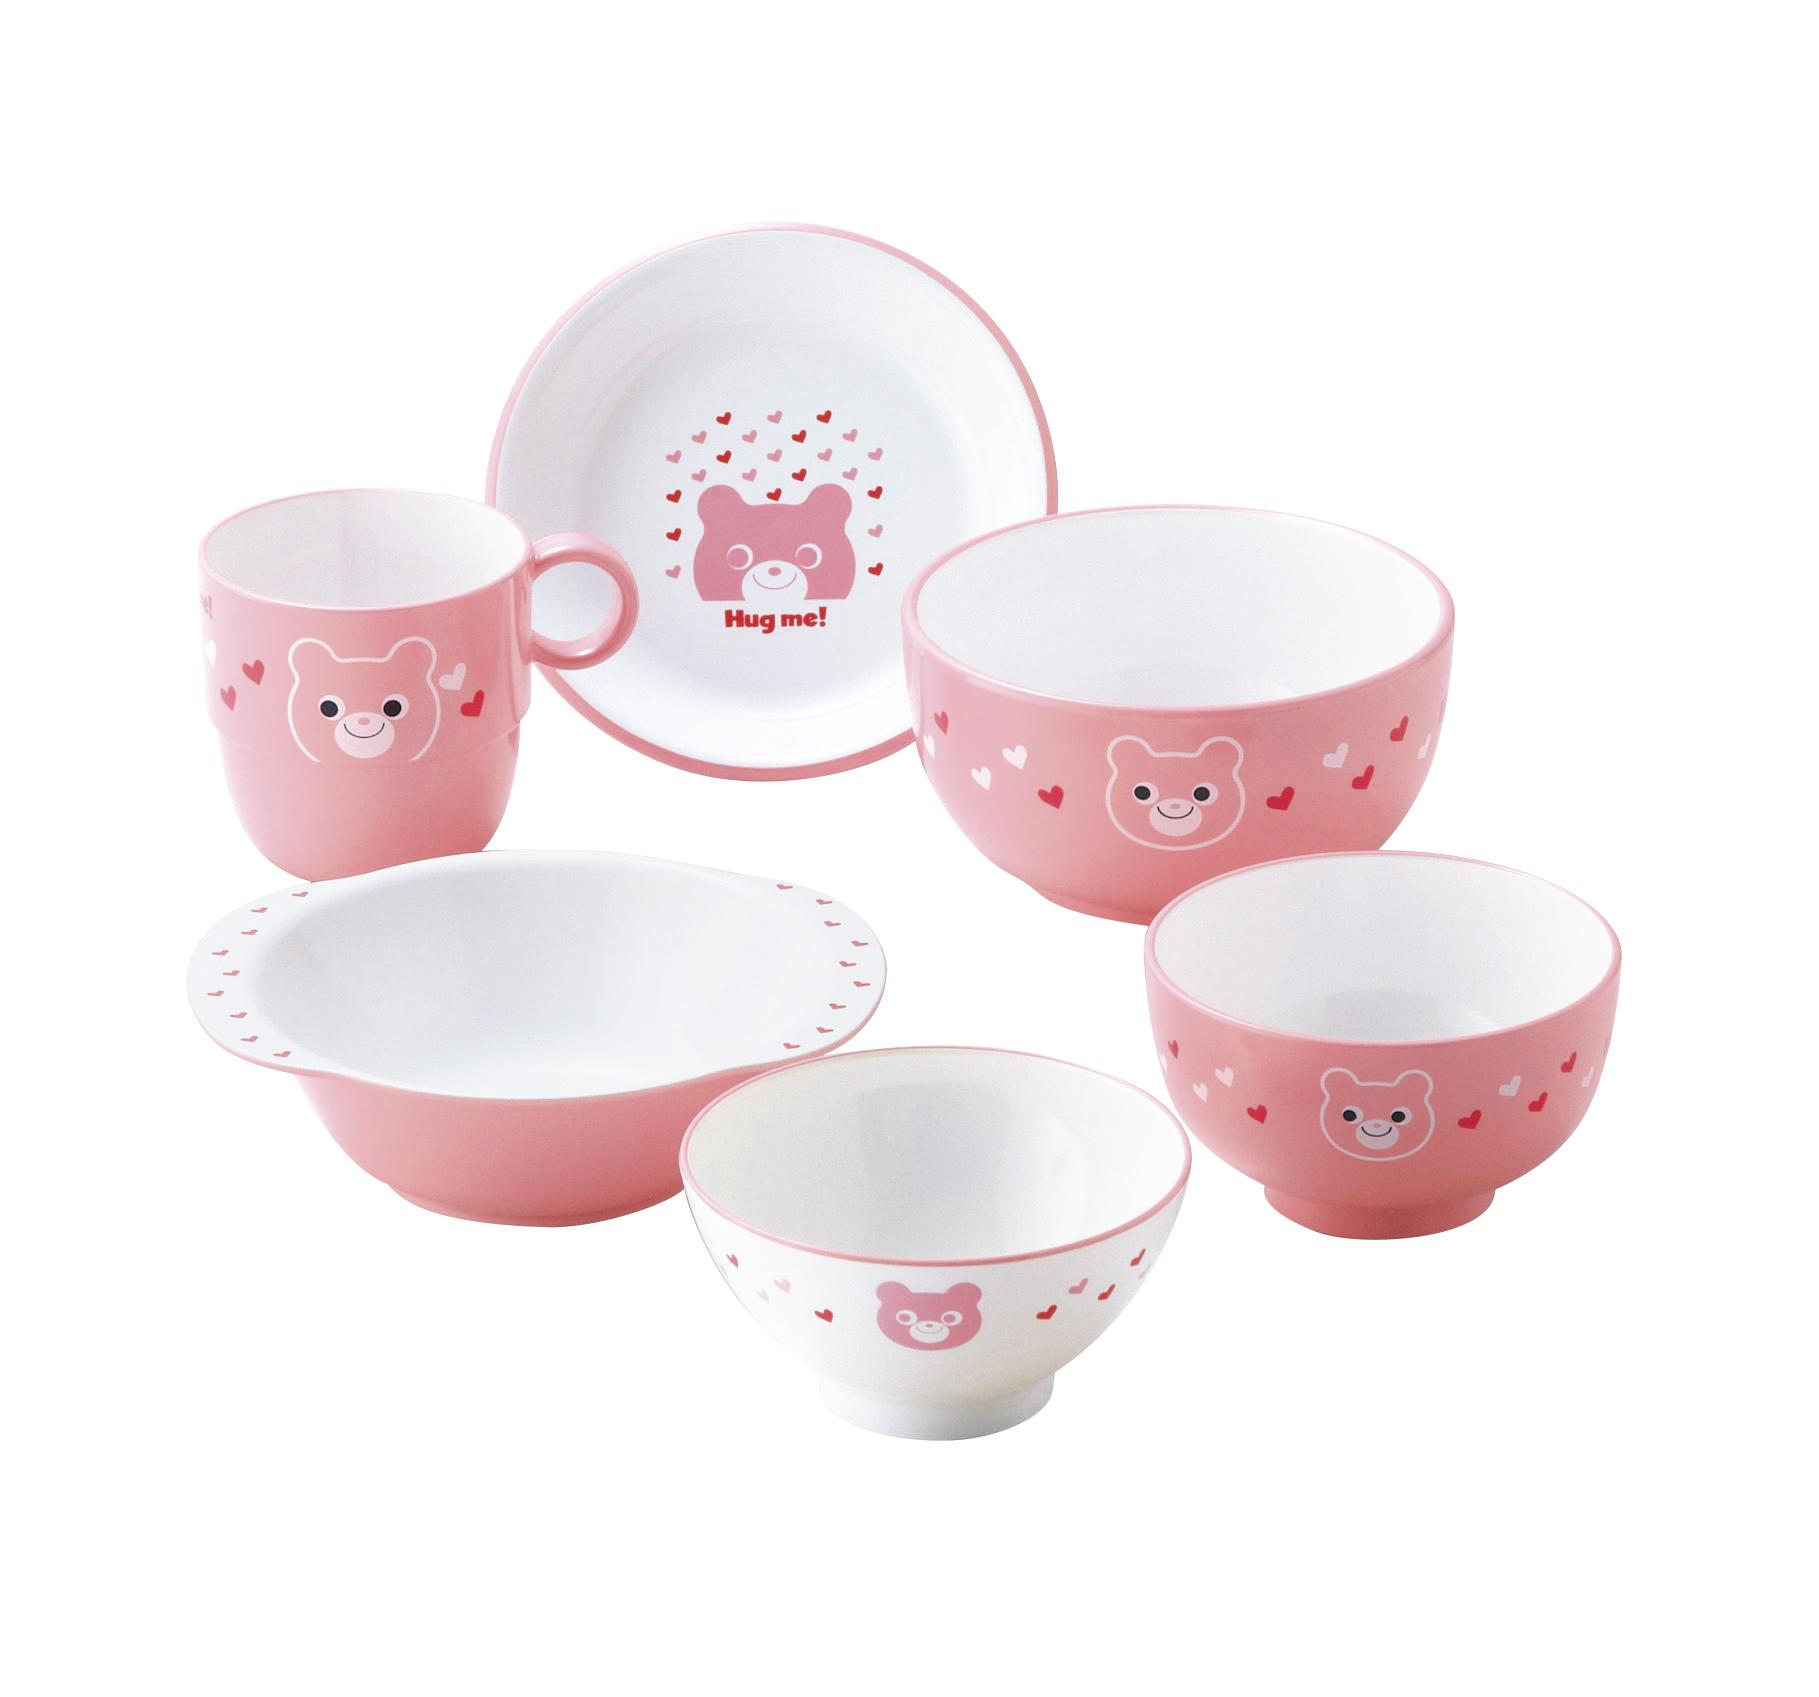 【有限会社ミタニ】ハグミー6点セット 茶椀・汁椀・小丼・コップ・スナックプレート・スナック小鉢各1 ピンク